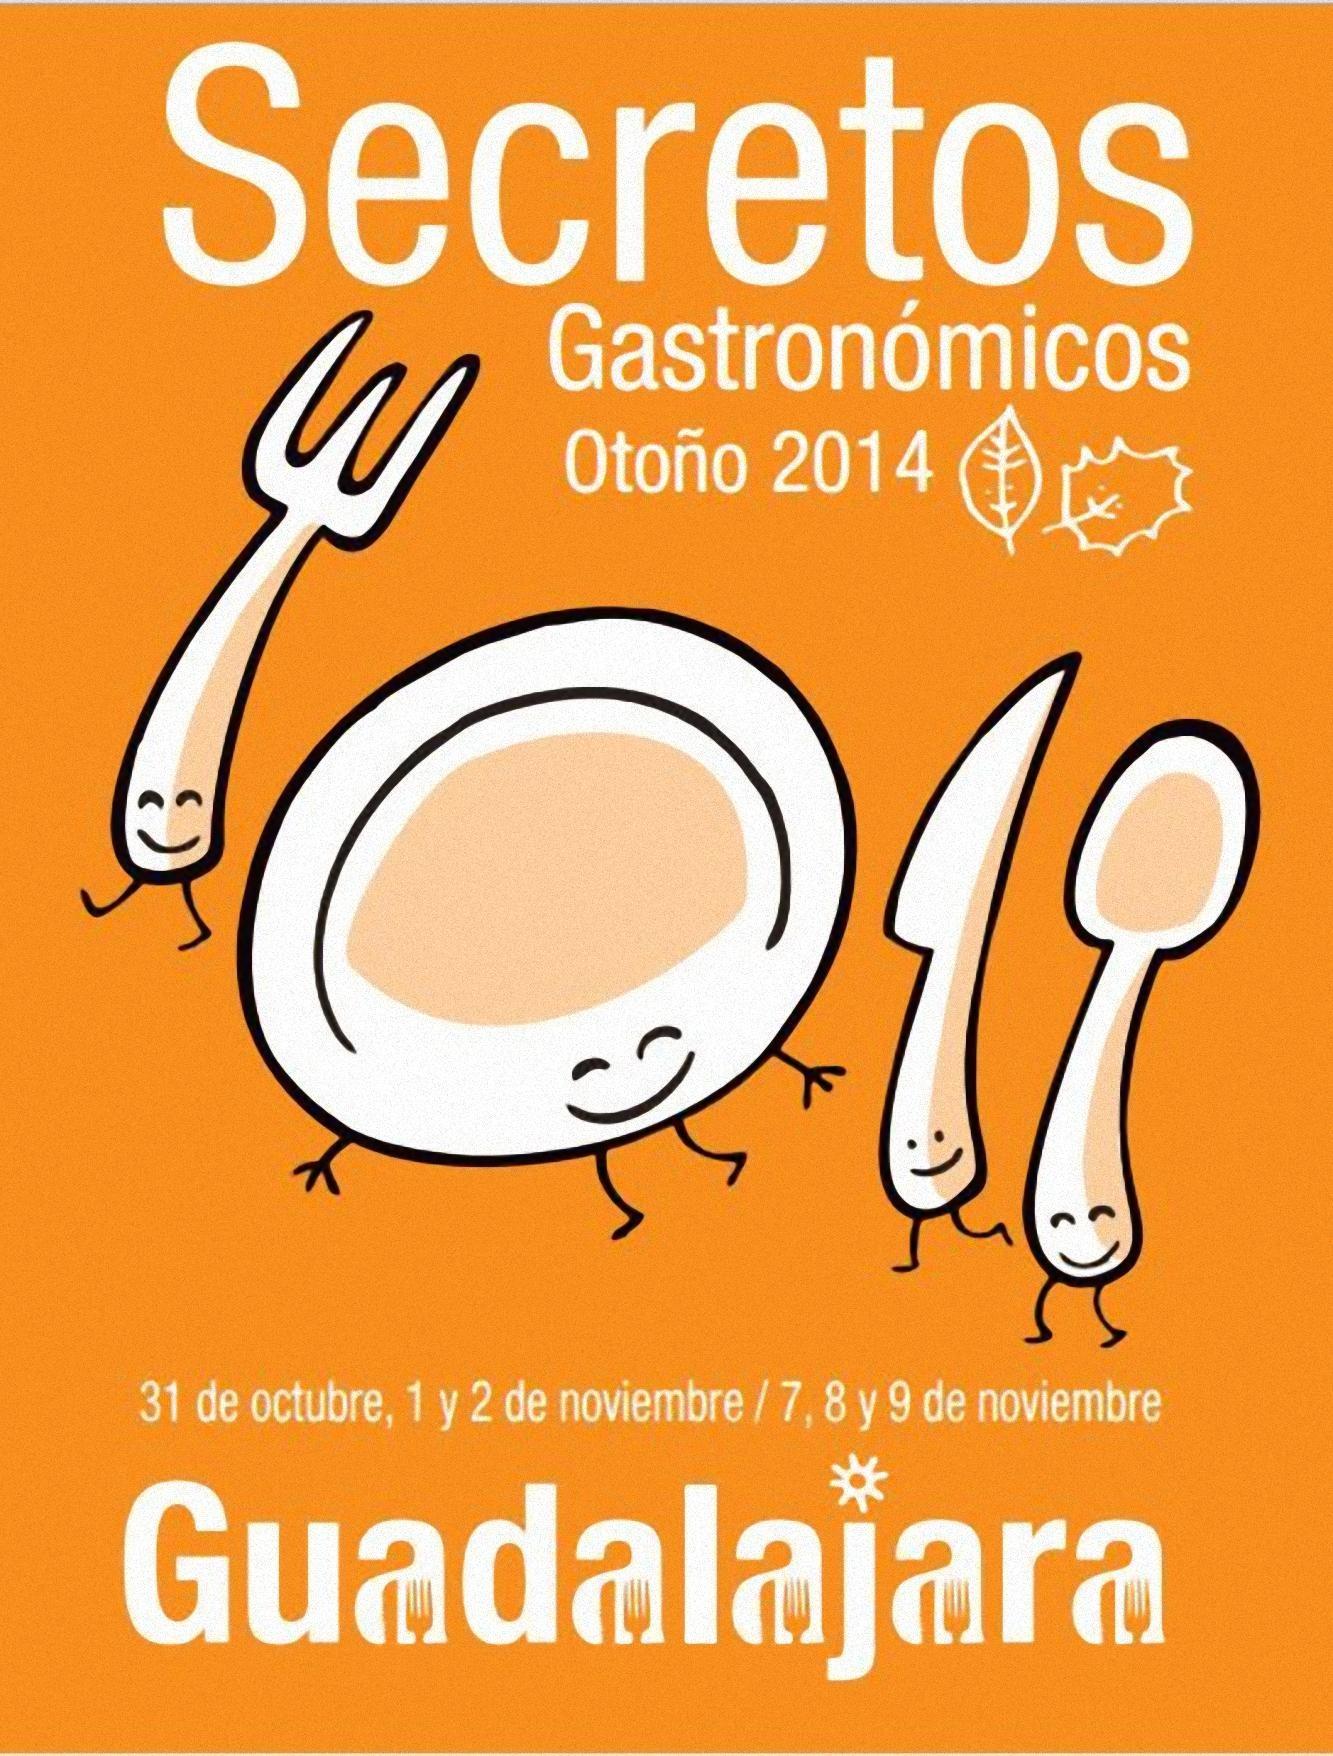 Secretos Gastronómicos de Otoño en Guadalajara 2014